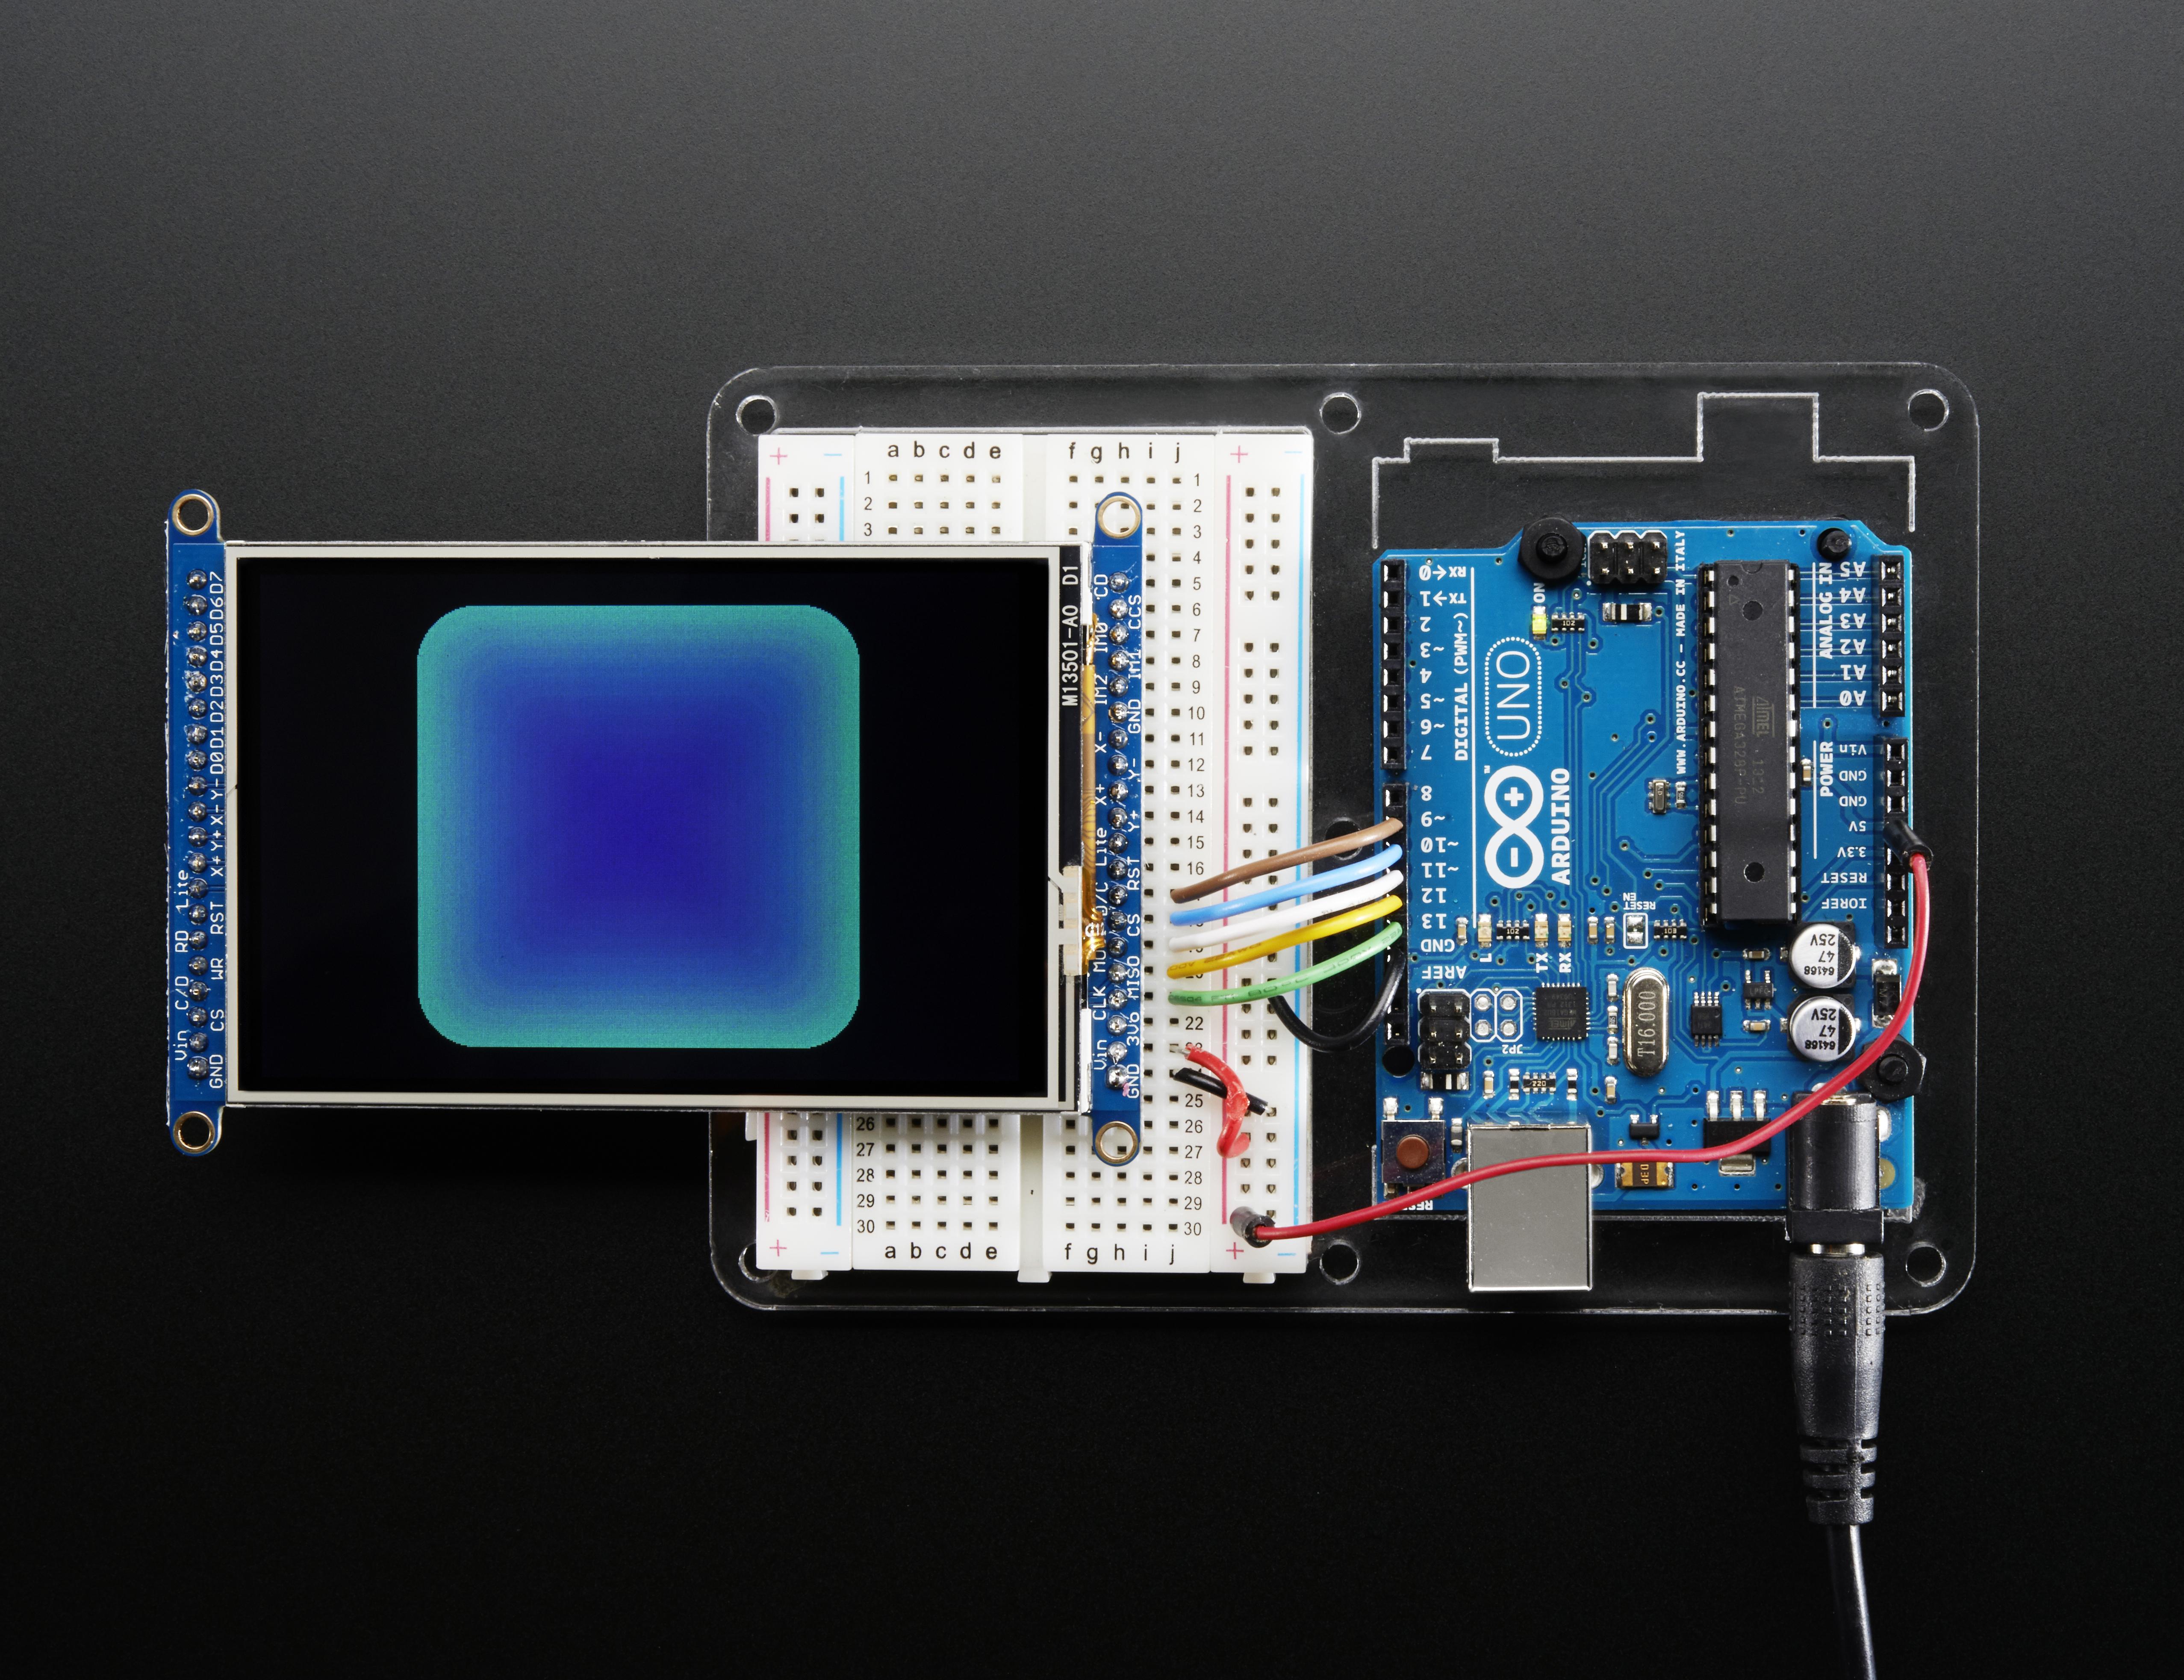 adafruit_products_2050_top_demo_alt_08_ORIG.jpg